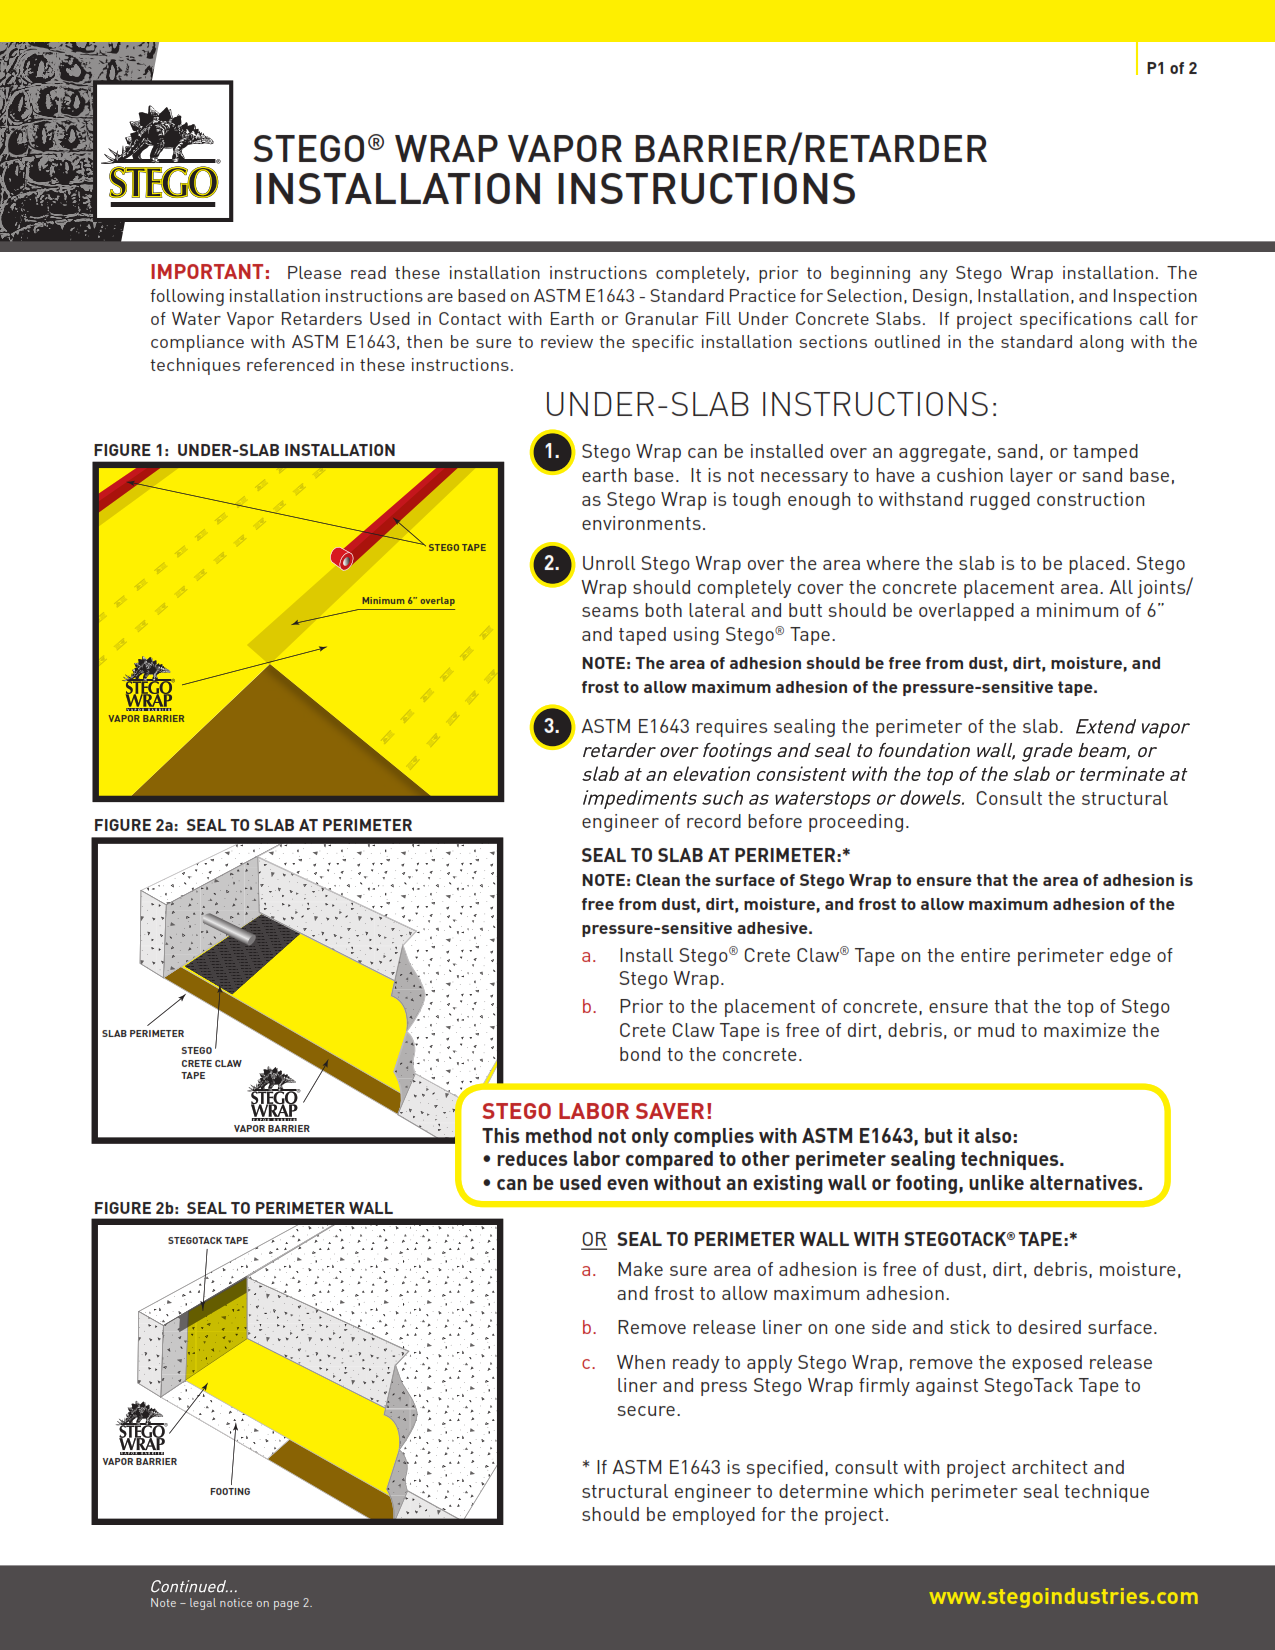 Stego-Wrap-Vapor-Barrier-Retarder-Installation-Instructions-1